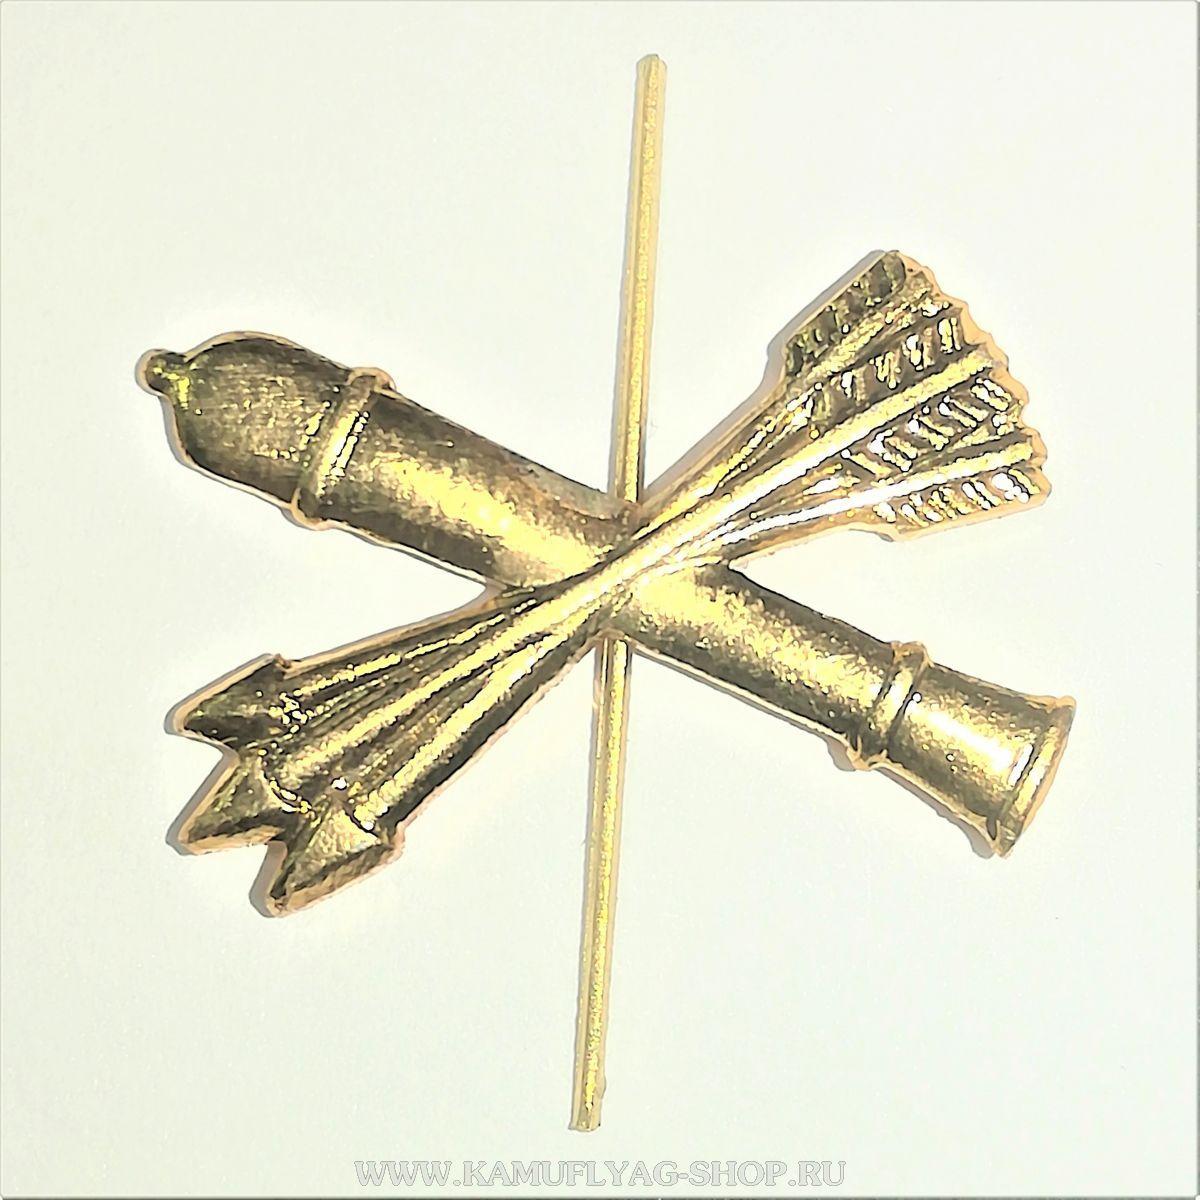 Эмблема петл.знак ПВО (пушка, 3 стрелы), золото (шт.)